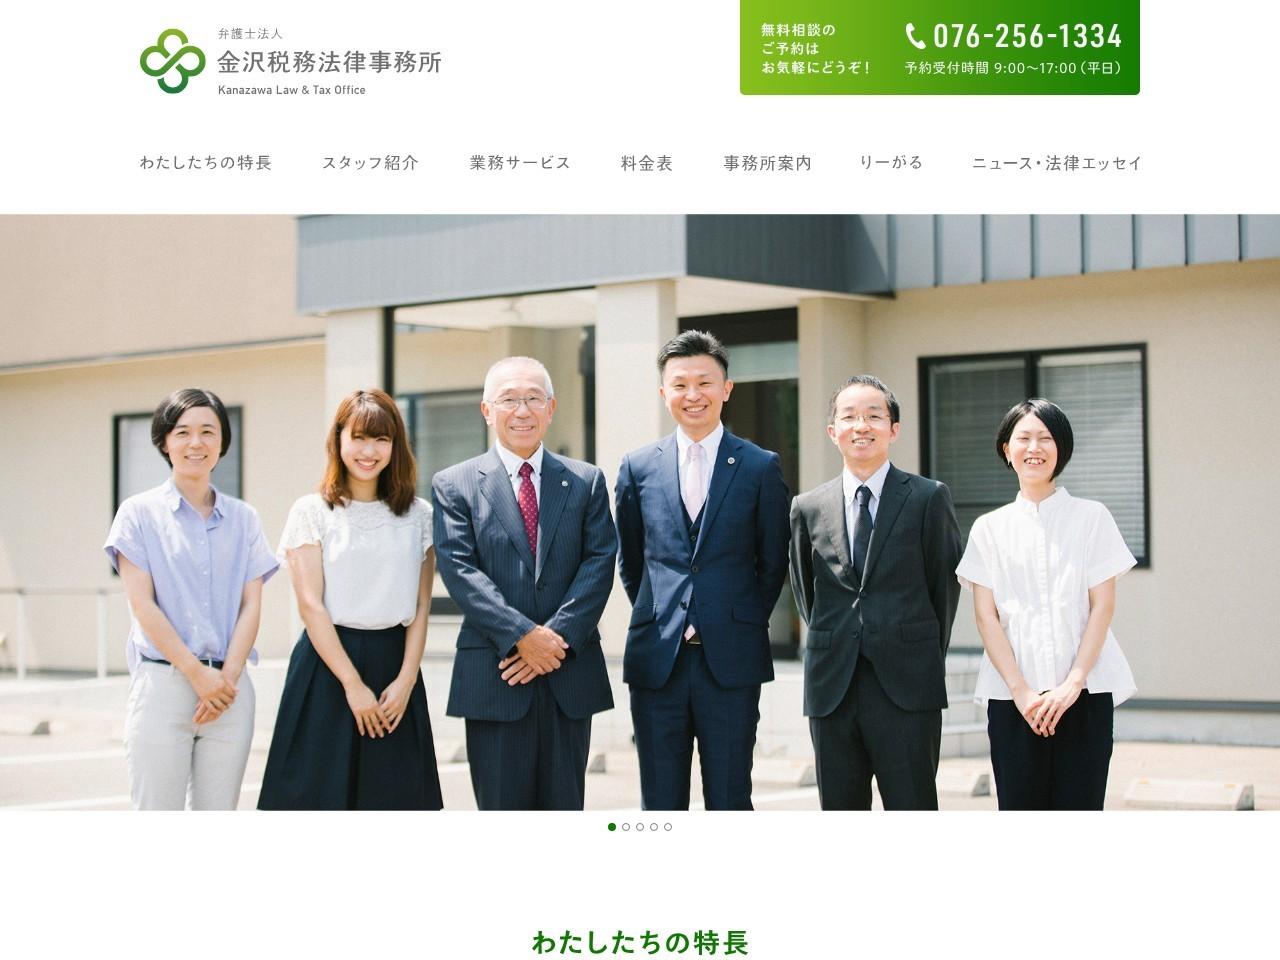 金沢税務法律事務所(弁護士法人)